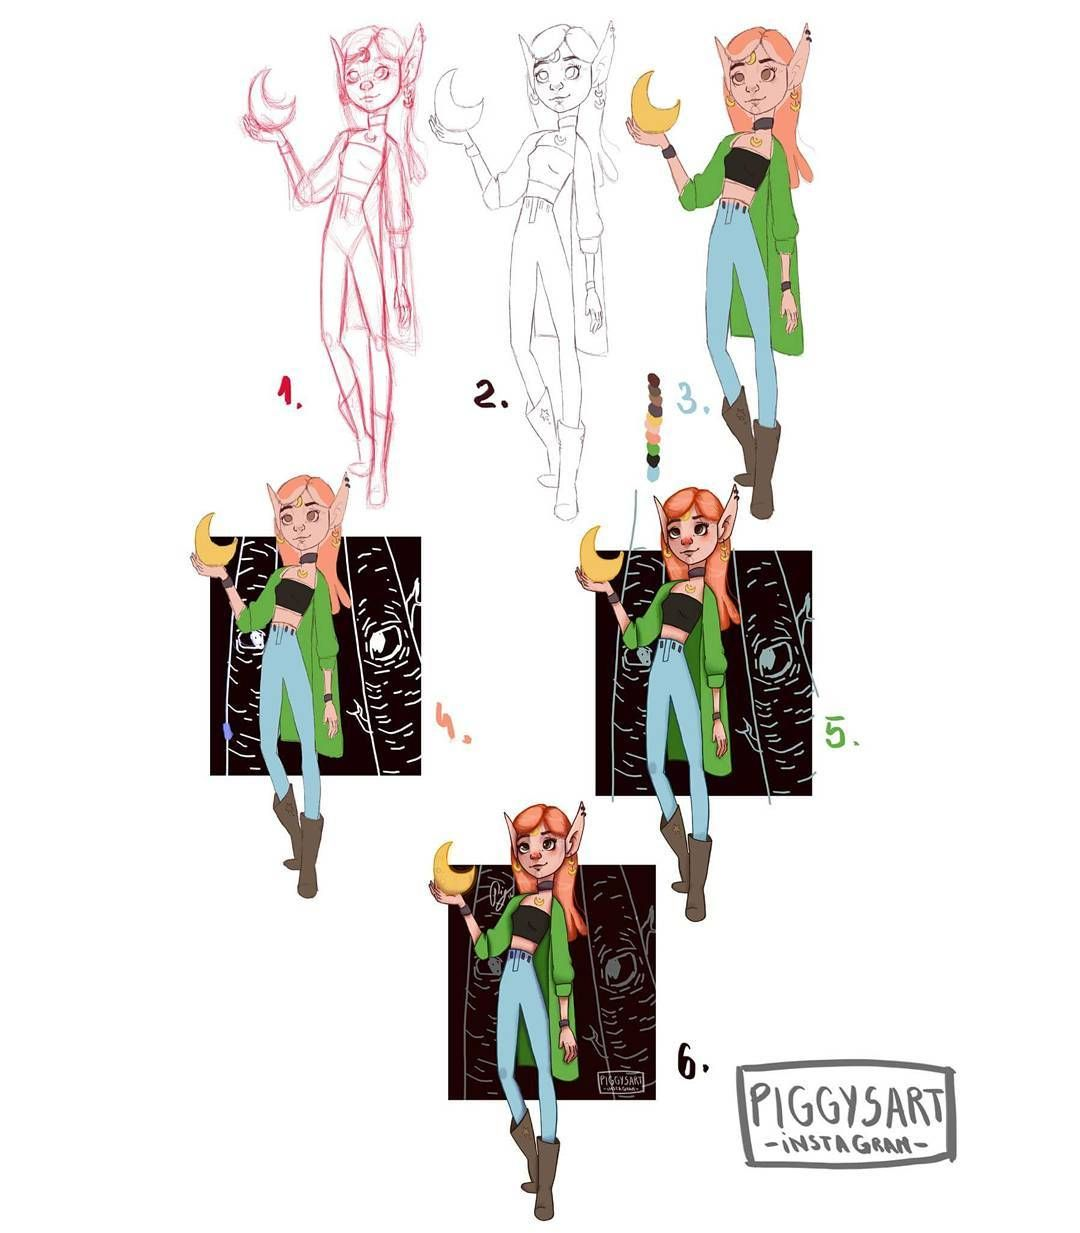 piggysart instagram facebook evolution girl Ayker illustration drawing inktober halloween